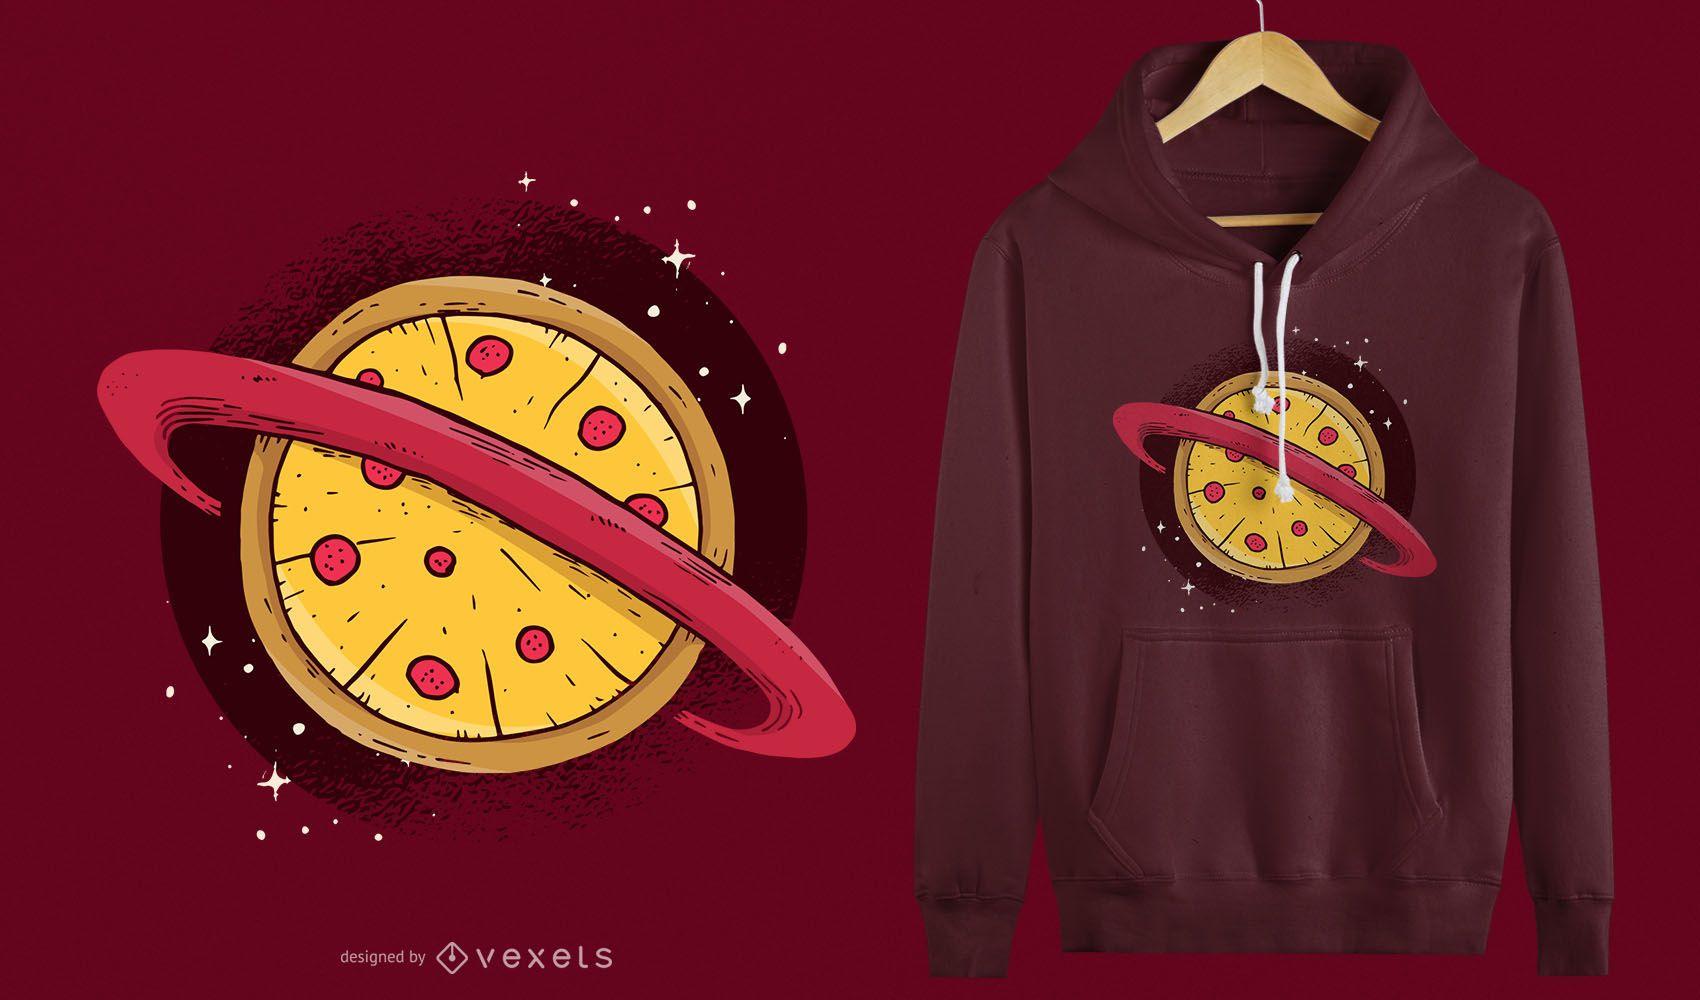 Pizza Planet T-shirt Design